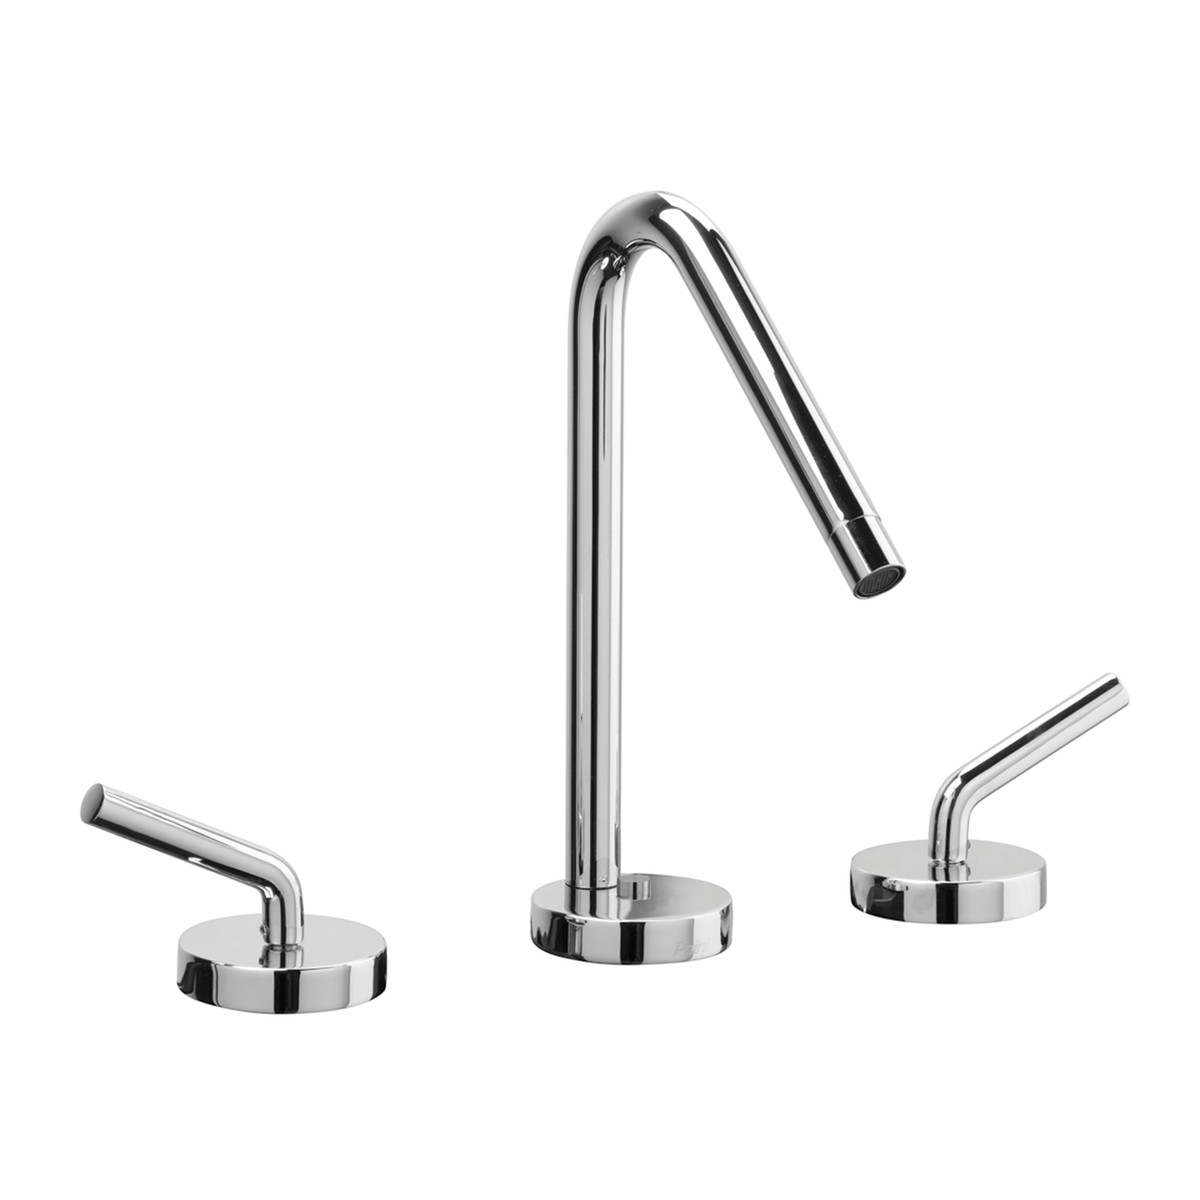 cambiare i rubinetti del bagno: webert rubinetteria prodotta in ... - Leroy Merlin Rubinetti Bagno